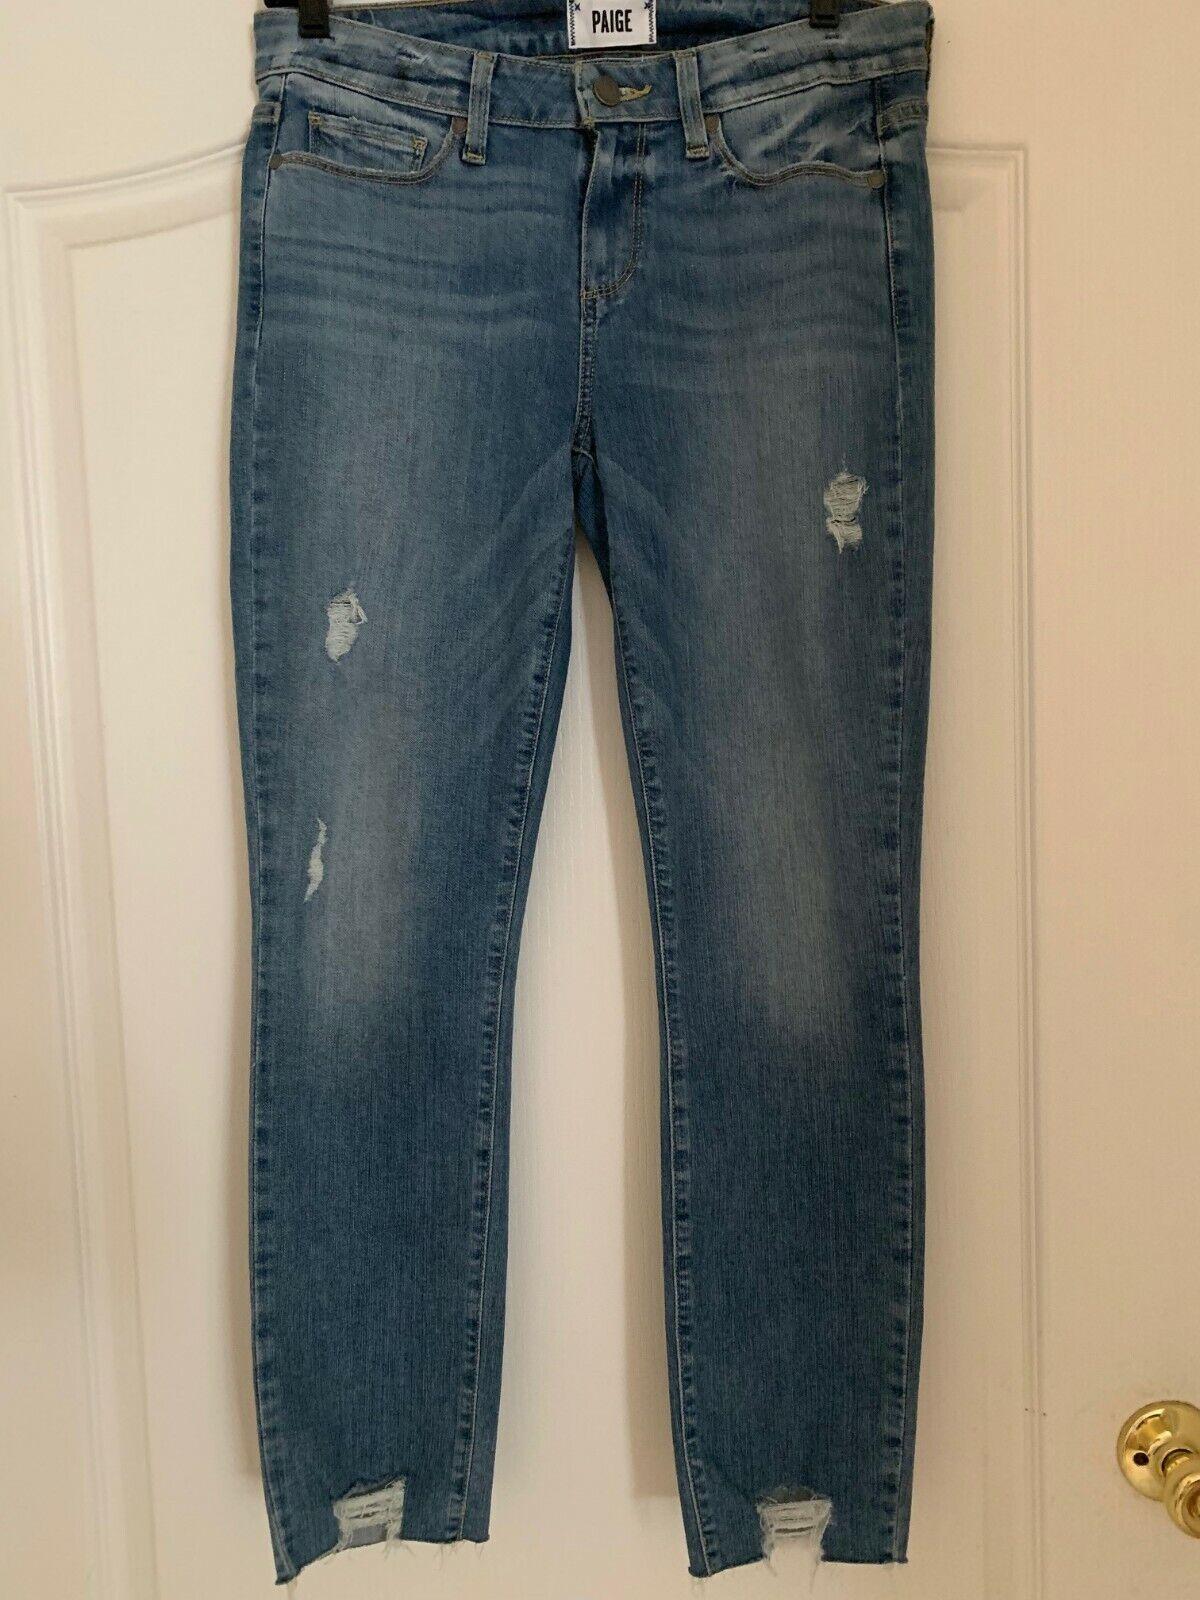 Paige Jeans Skyline Ankle Peg size 29